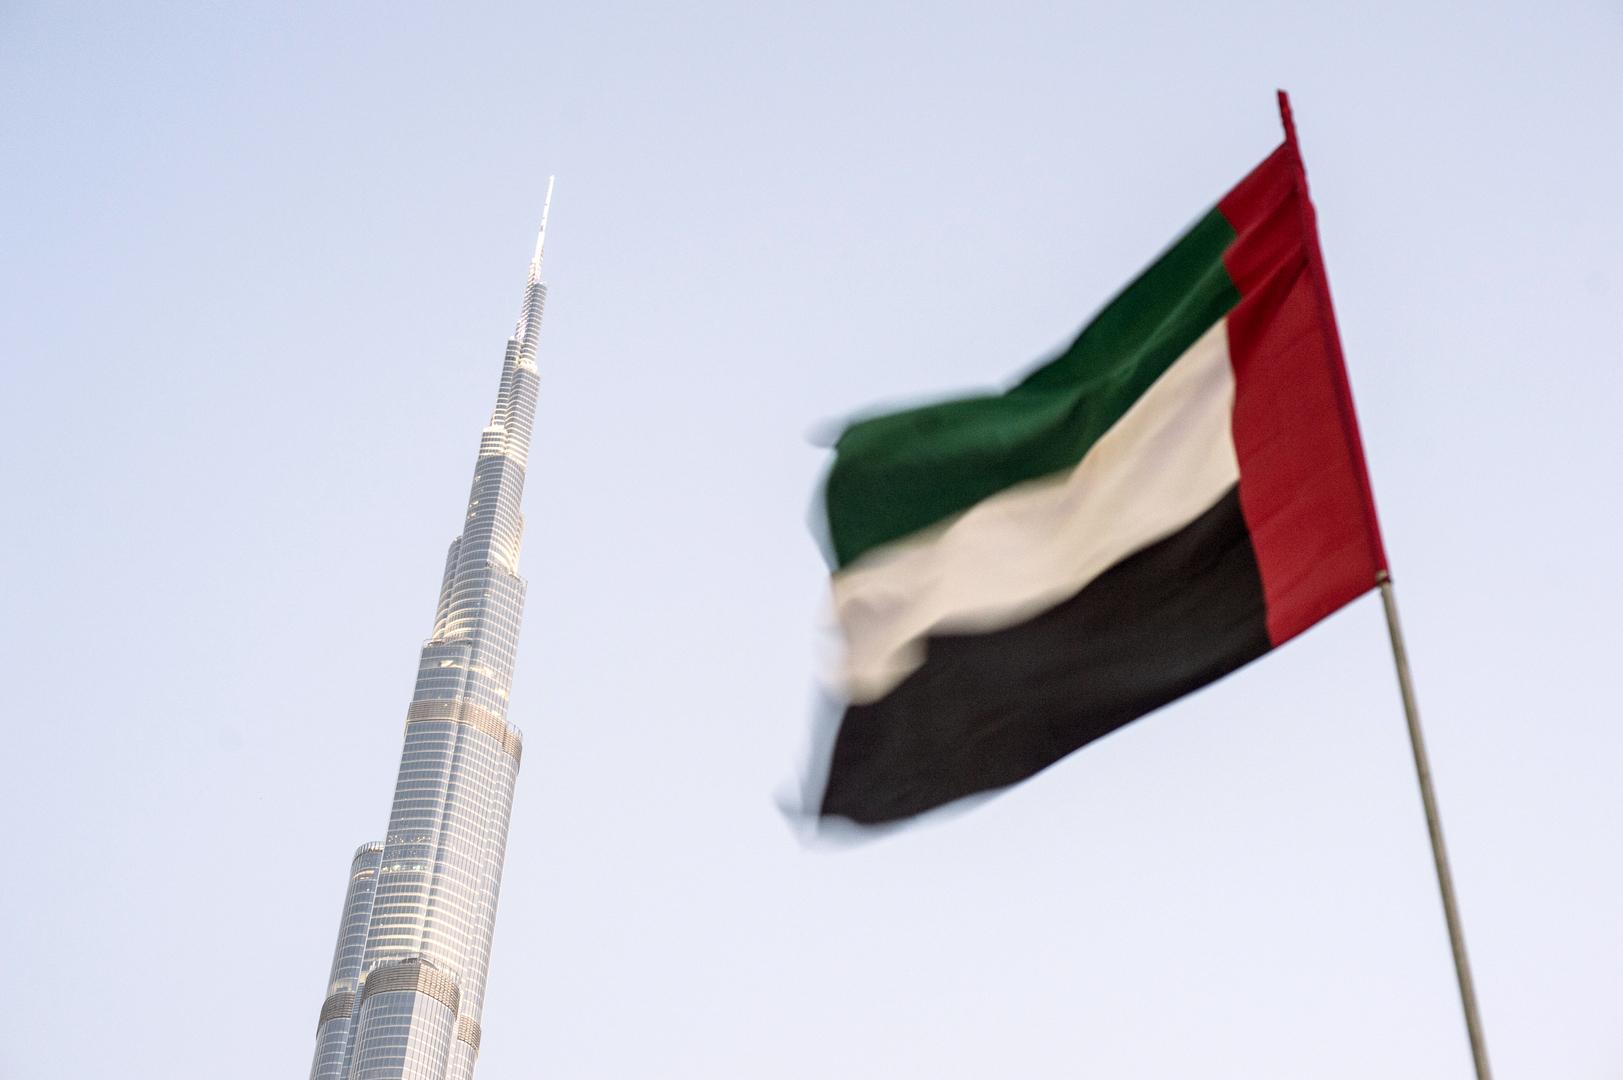 السفارة الإماراتية تحتفل بمرور عام على